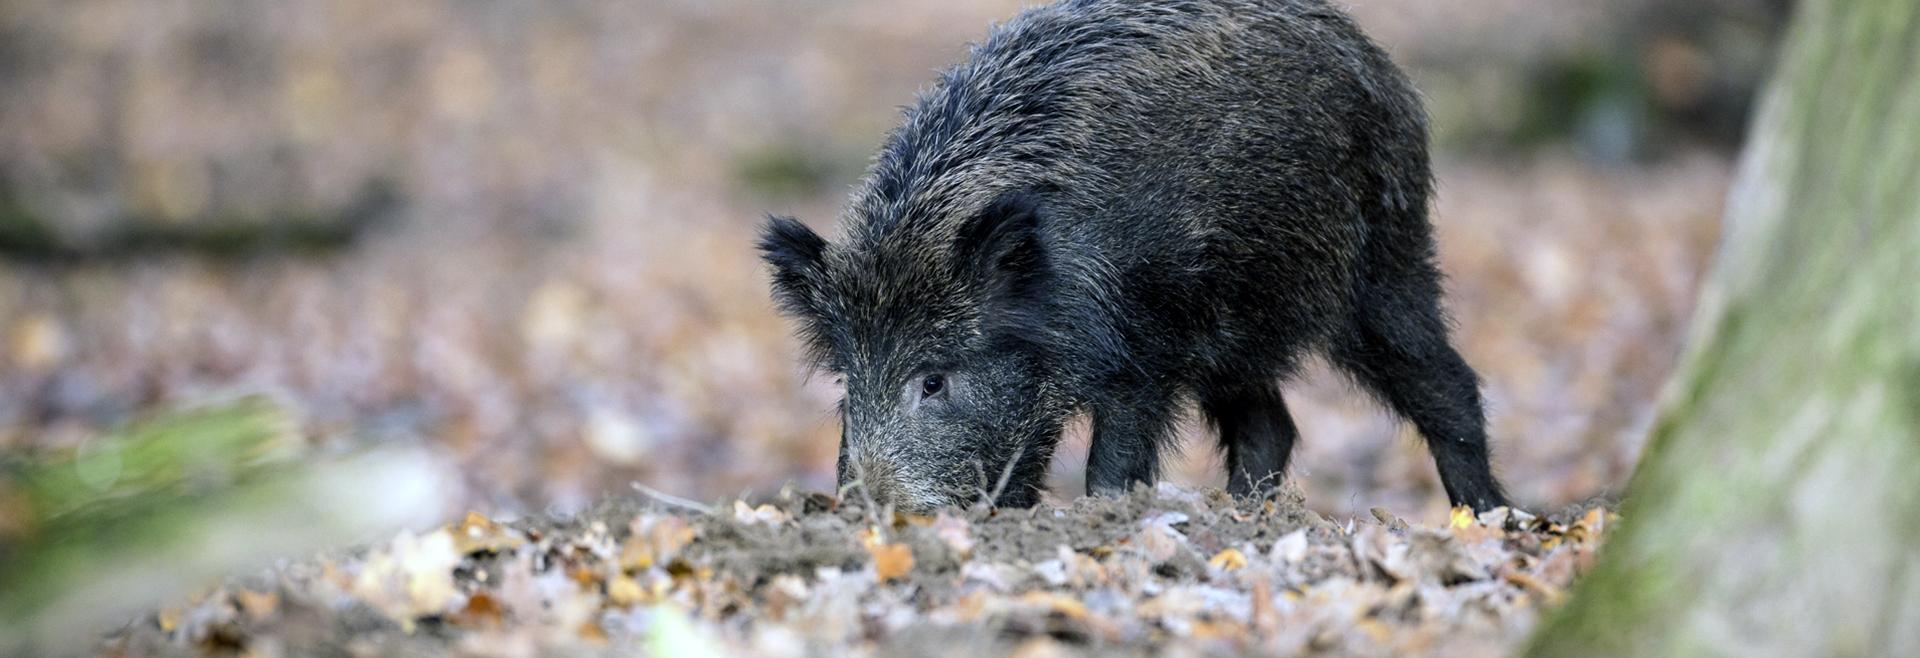 Colabore connosco. Ajude a conhecer e a proteger as espécies cinegéticas e a biodiversidade